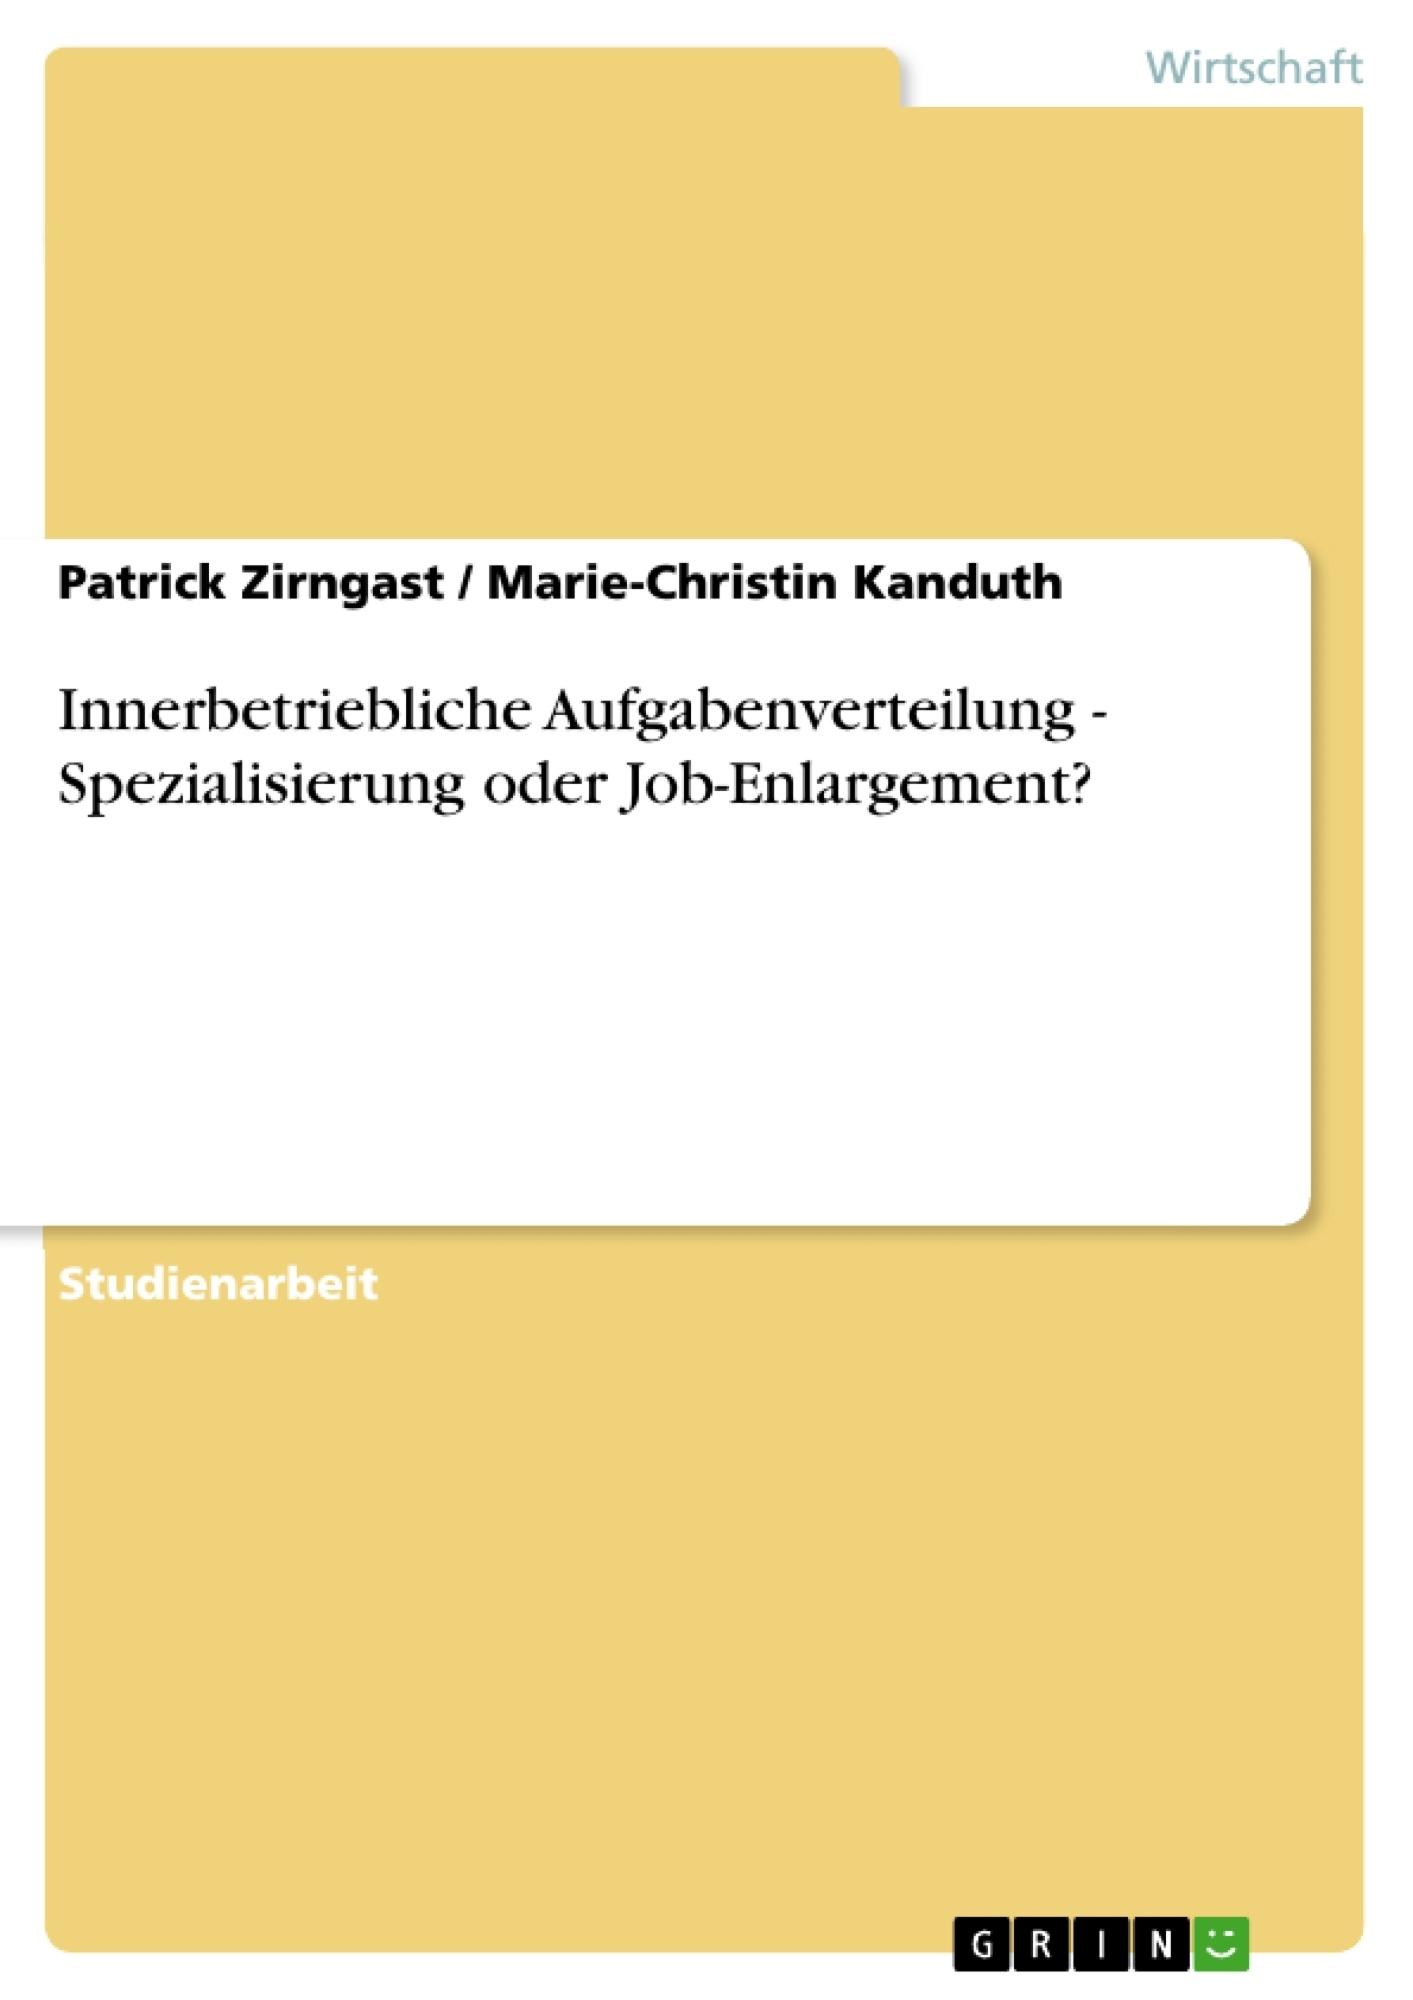 Titel: Innerbetriebliche Aufgabenverteilung - Spezialisierung oder Job-Enlargement?